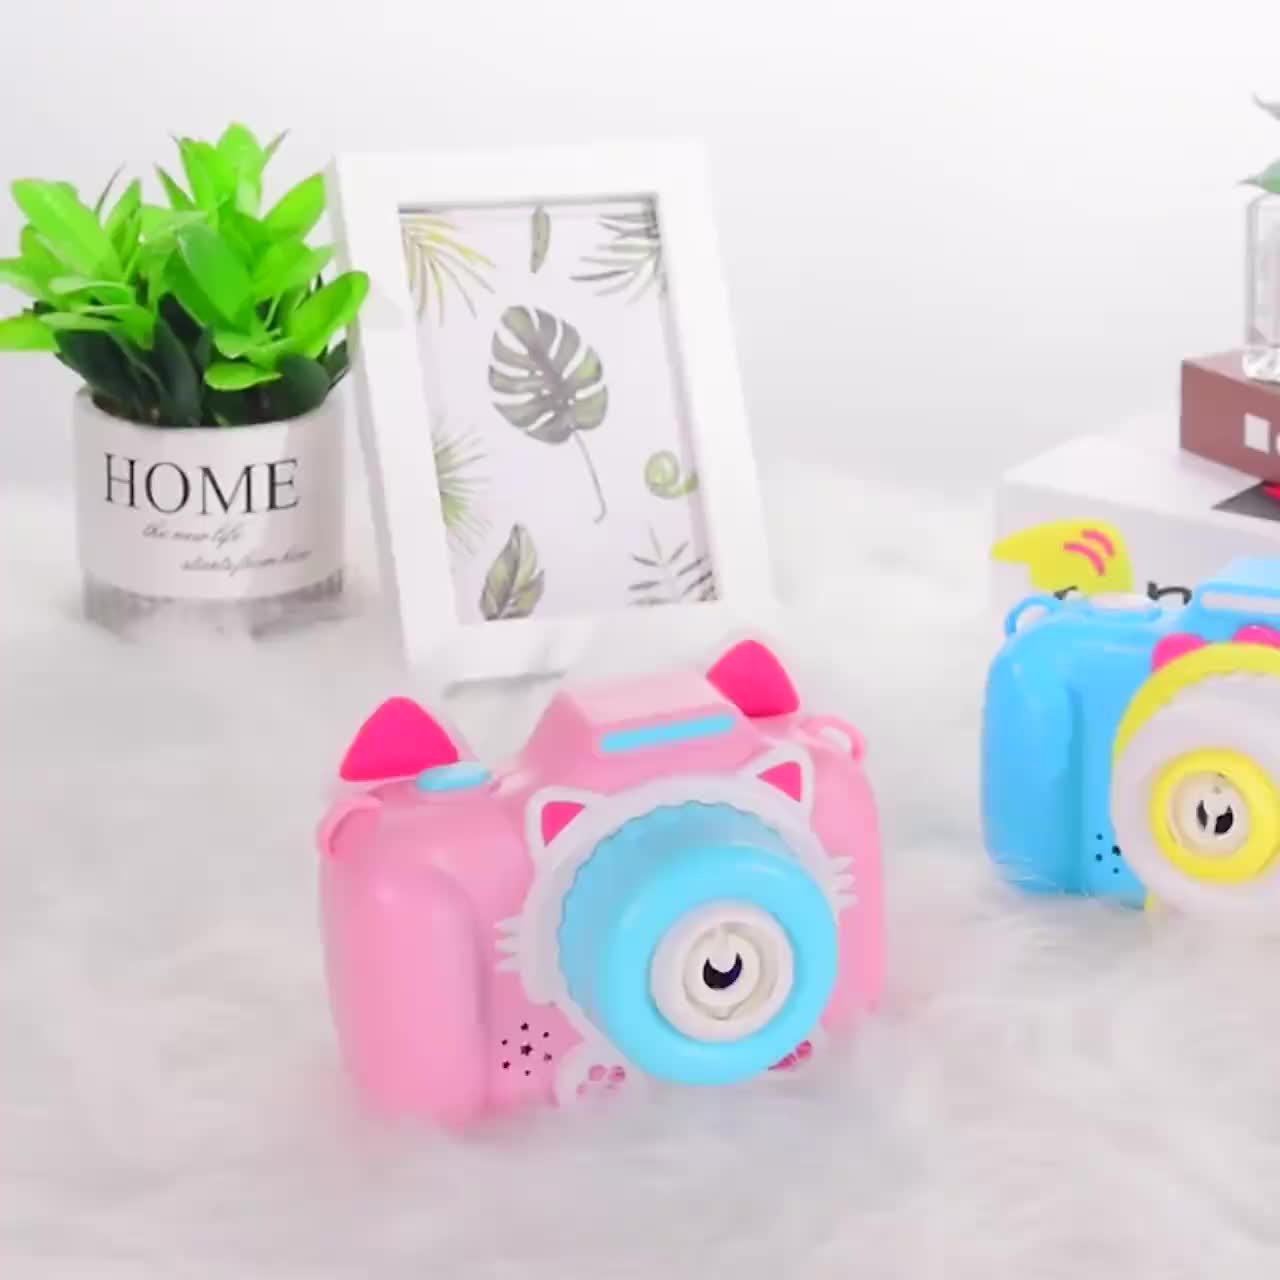 儿童玩具吹泡泡_泡泡照相机灯光音乐吹儿童泡泡相机玩具卡通电动泡泡枪厂家 ...